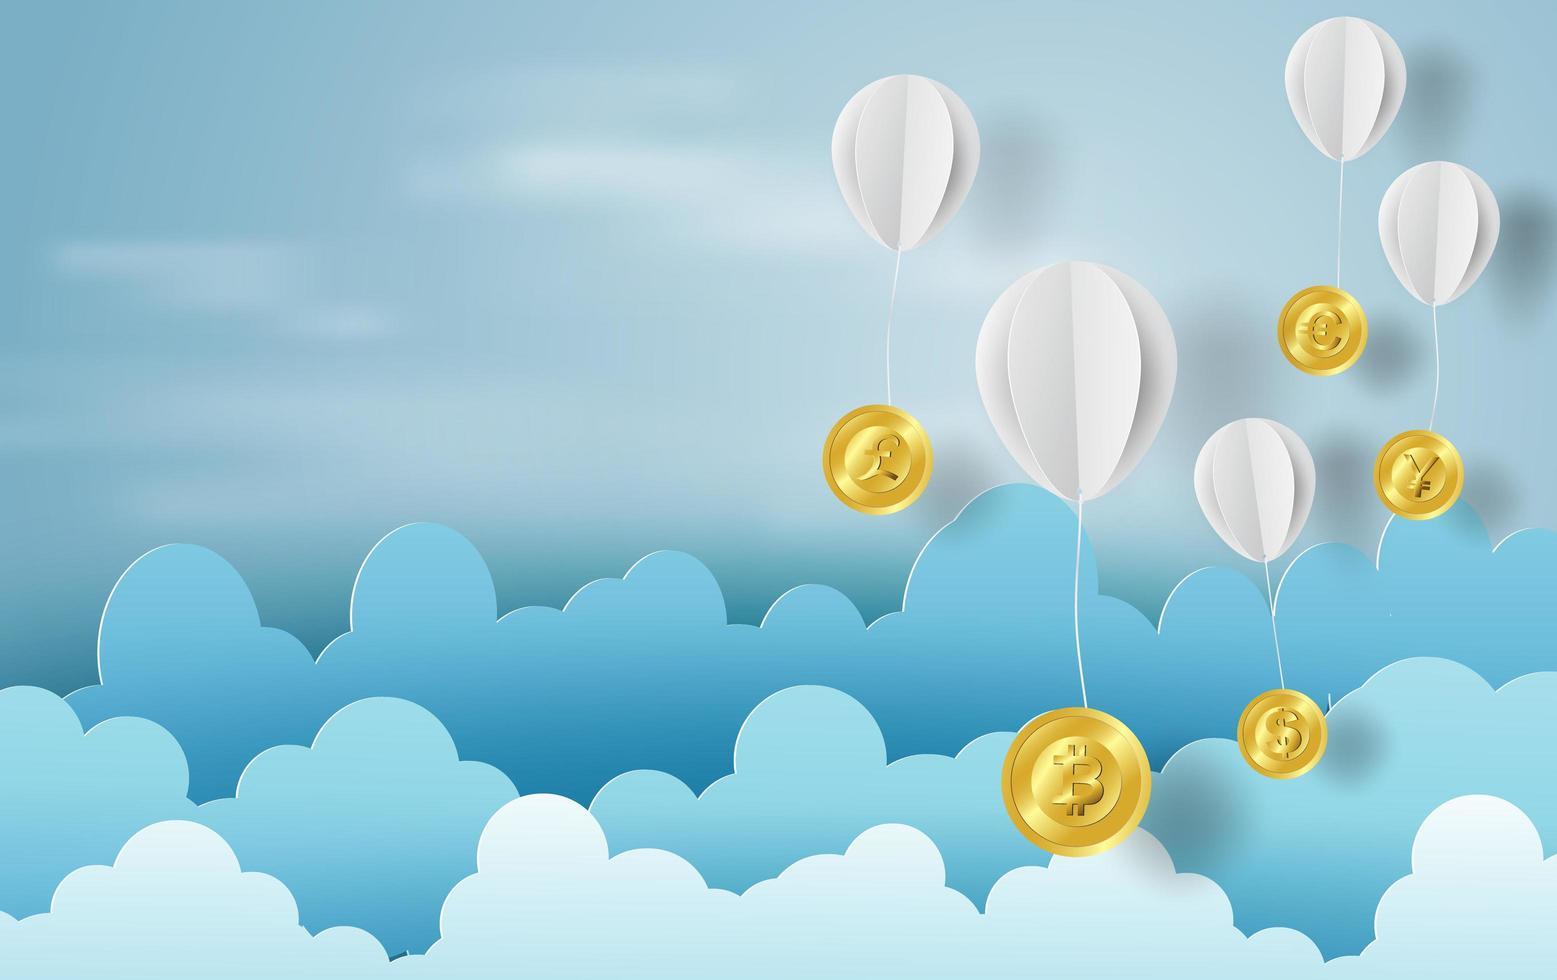 arte di carta di palloncini come nuvole sul banner del cielo blu con bitcoin vettore